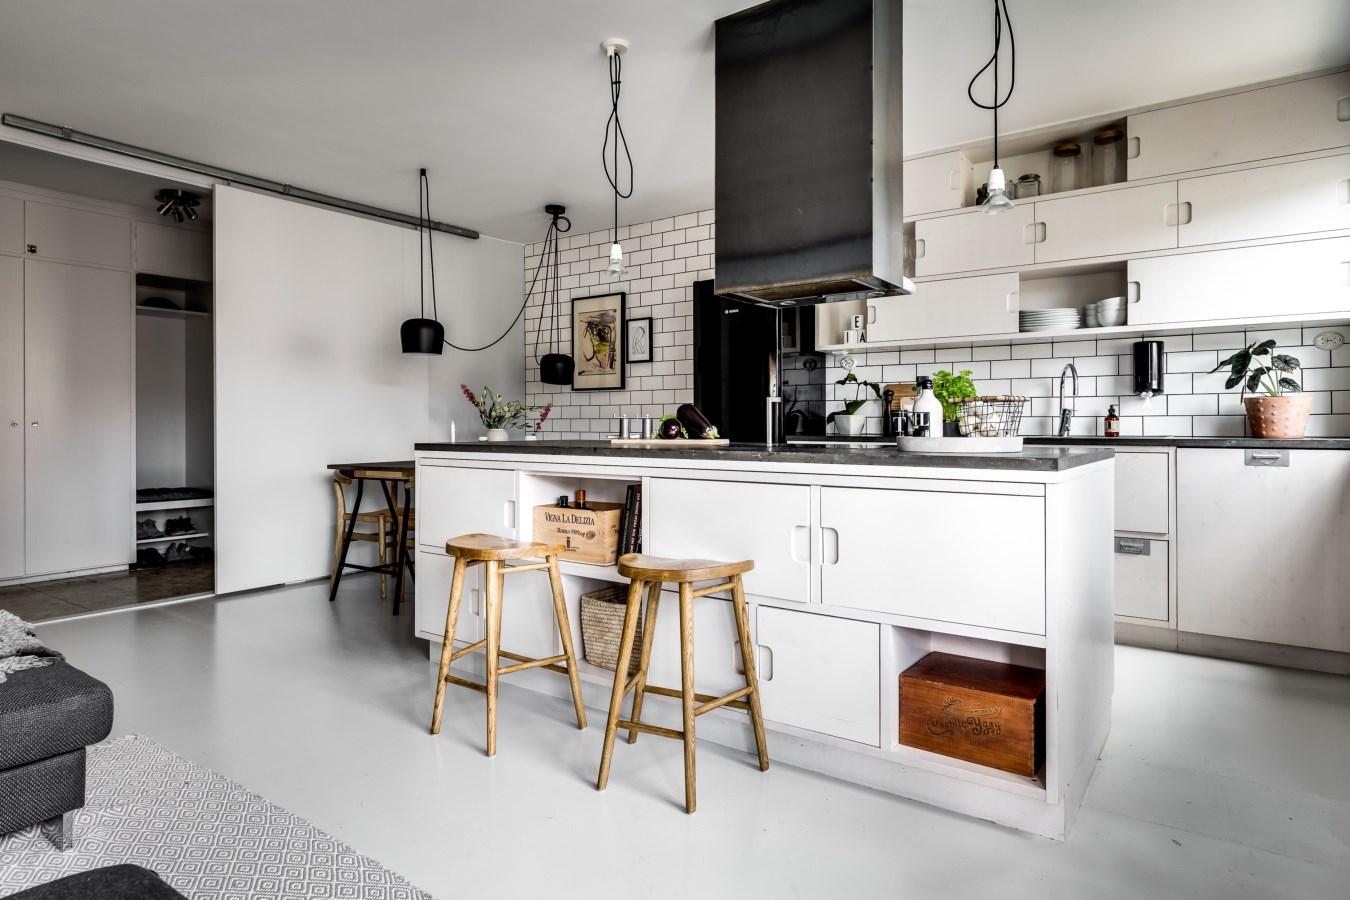 Binnenkijken bij: een interieur met veel wit, grijs en hout - Alles ...